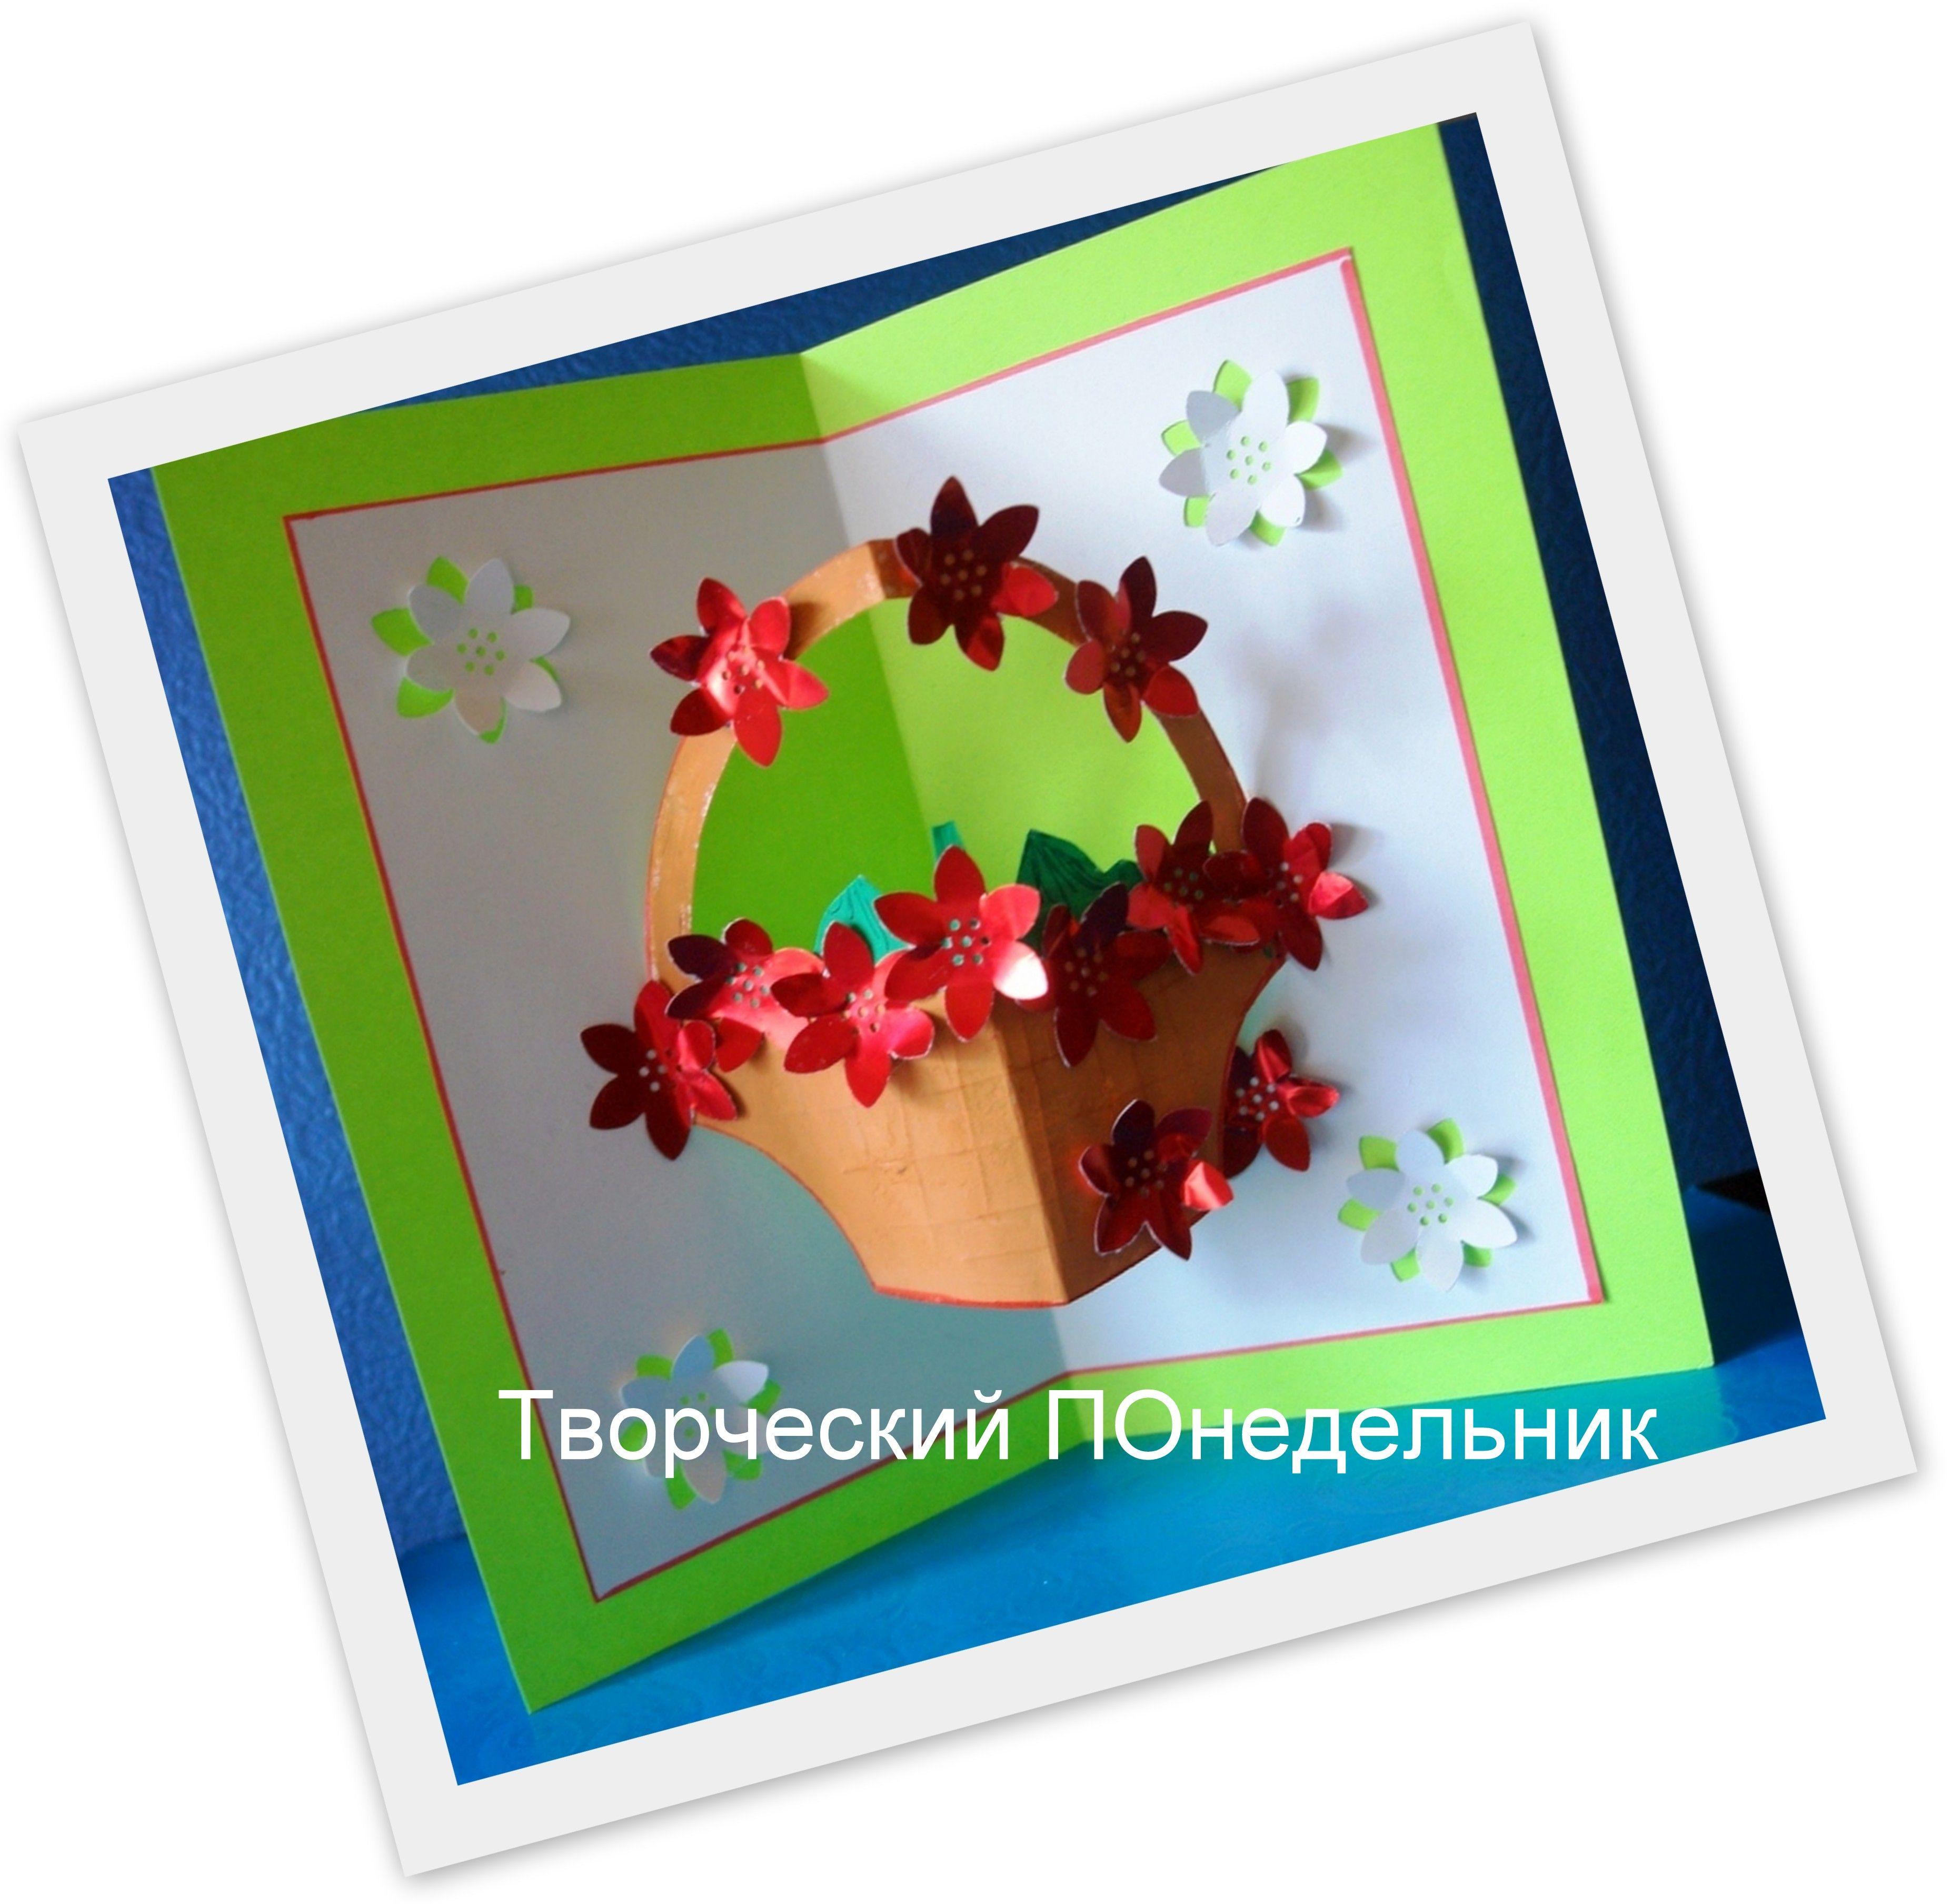 Открытка из бумаги корзина цветов, анимацией чебурашки открытки